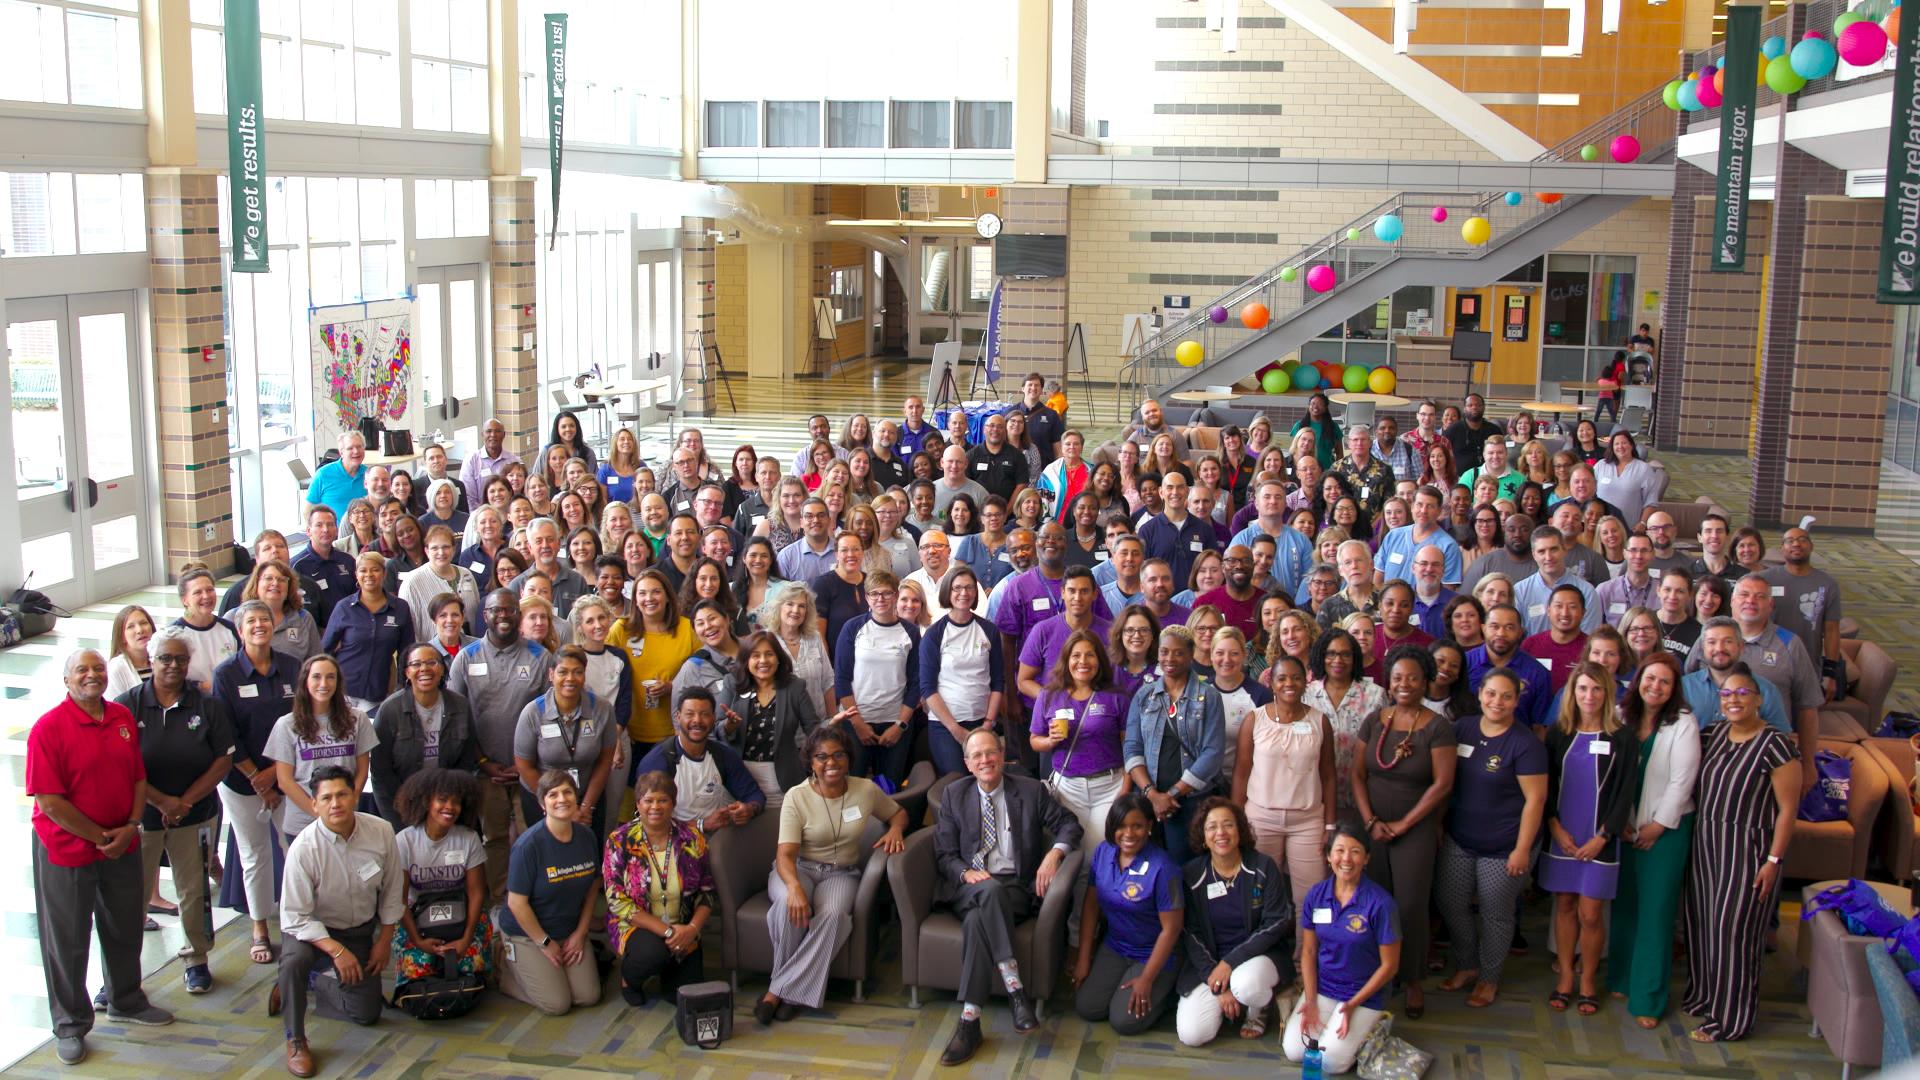 Students - Arlington Public Schools